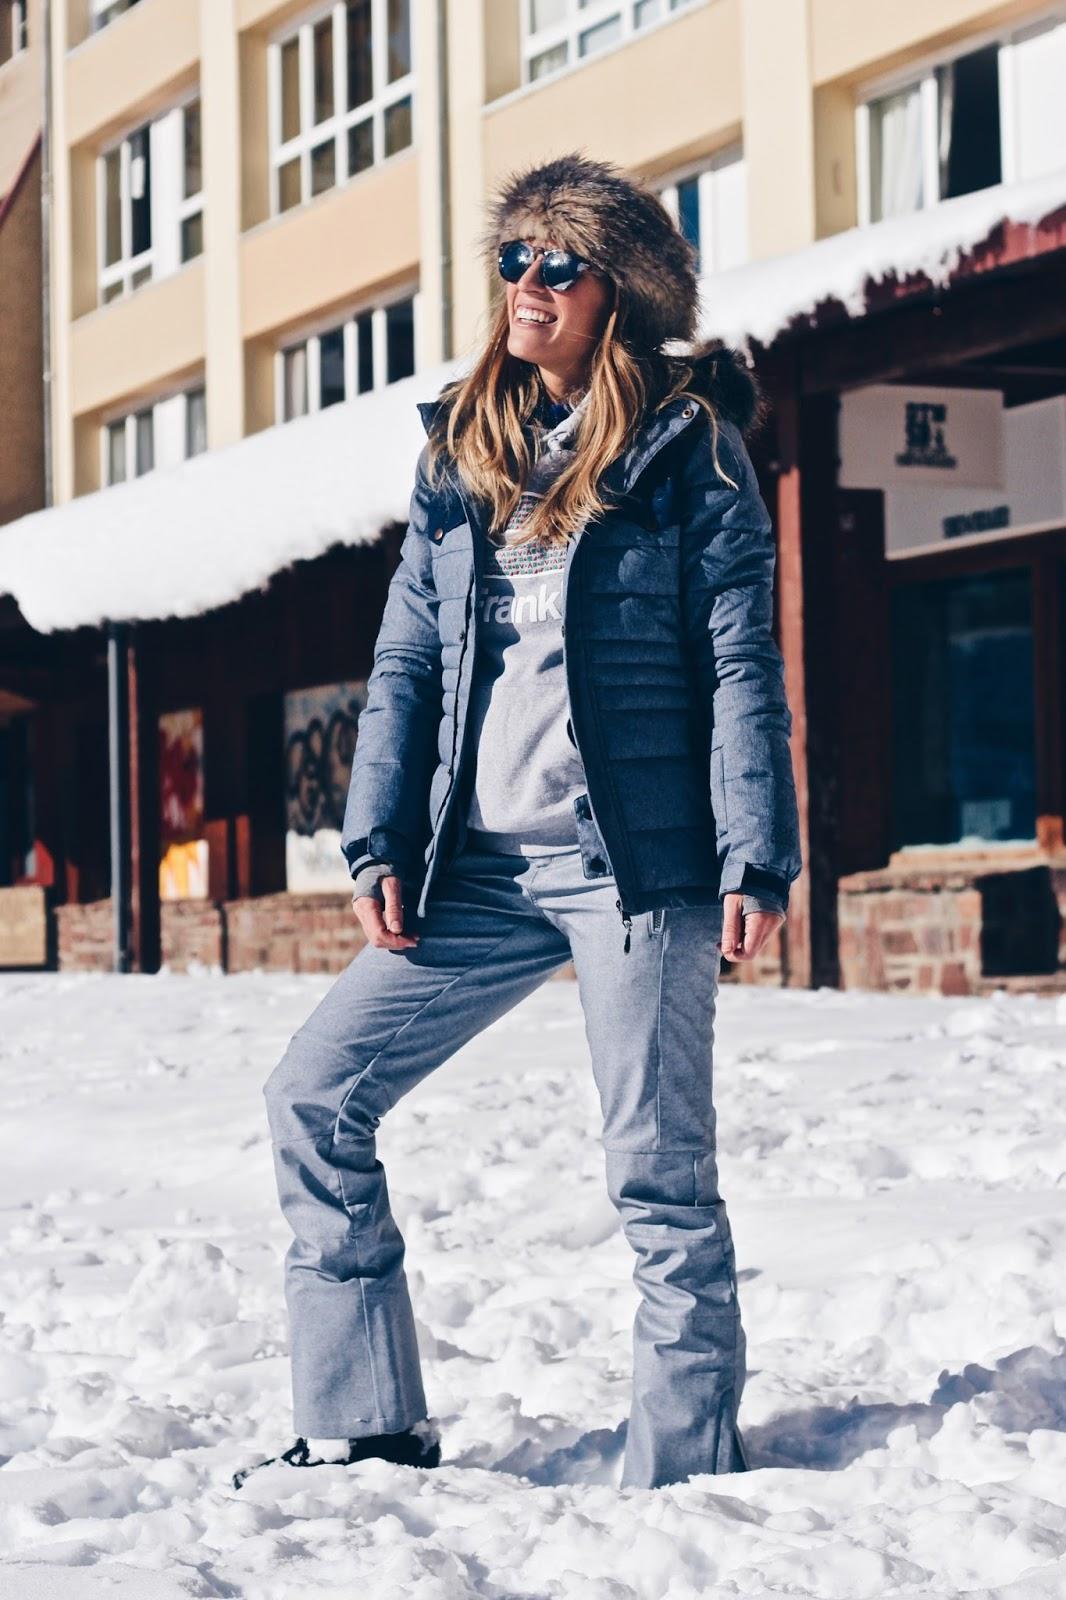 como vestir en la nieve